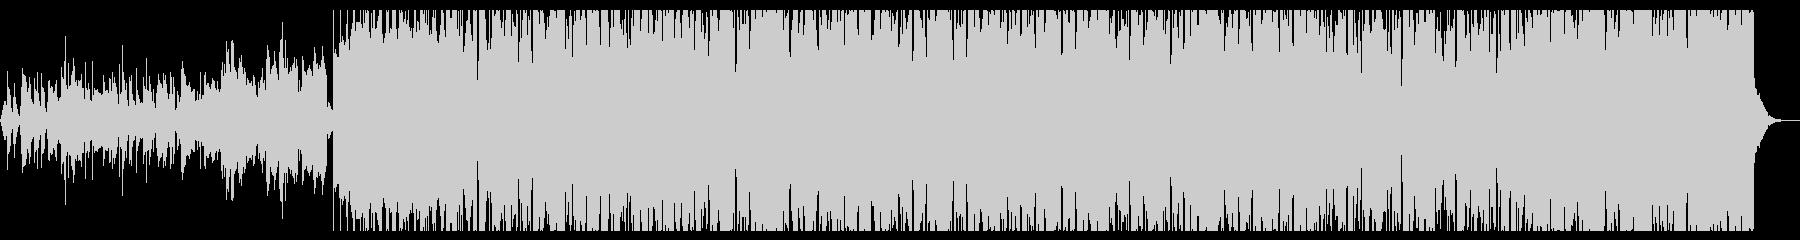 アンビエントミュージック レトロ ...の未再生の波形